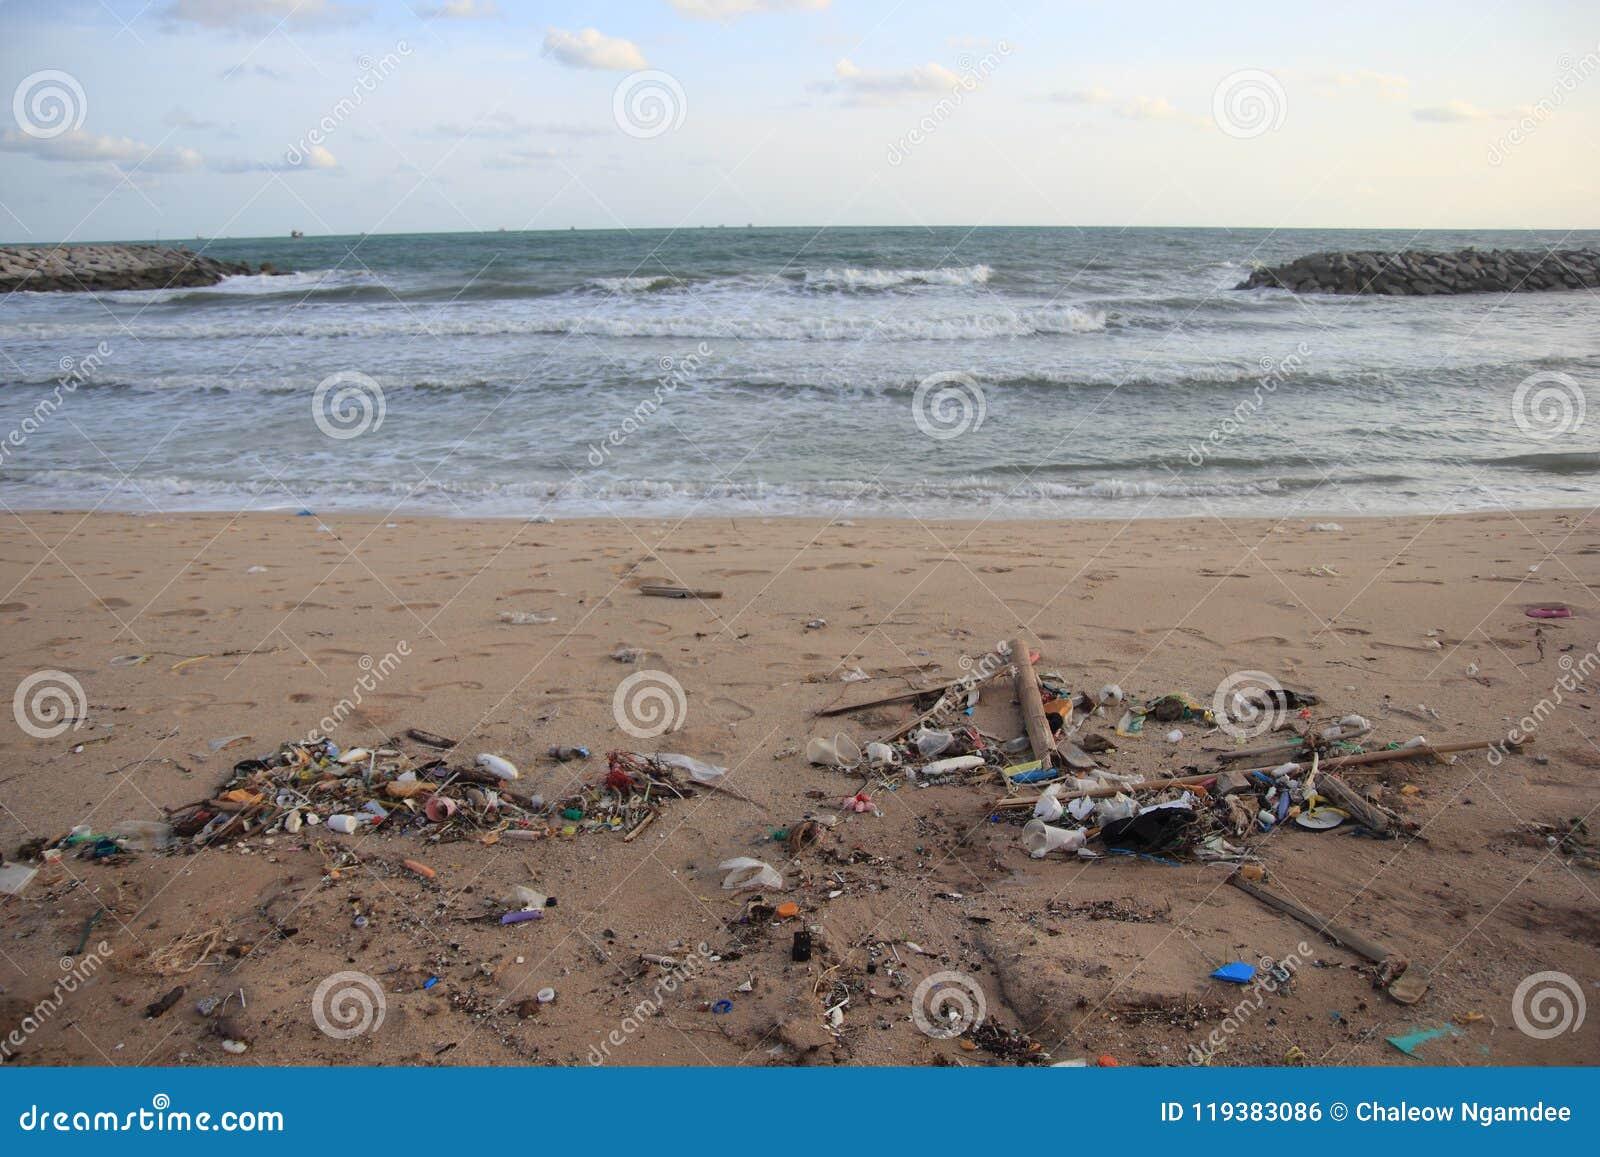 Lixo plástico, espuma, e desperdício sujo na praia no dia de verão